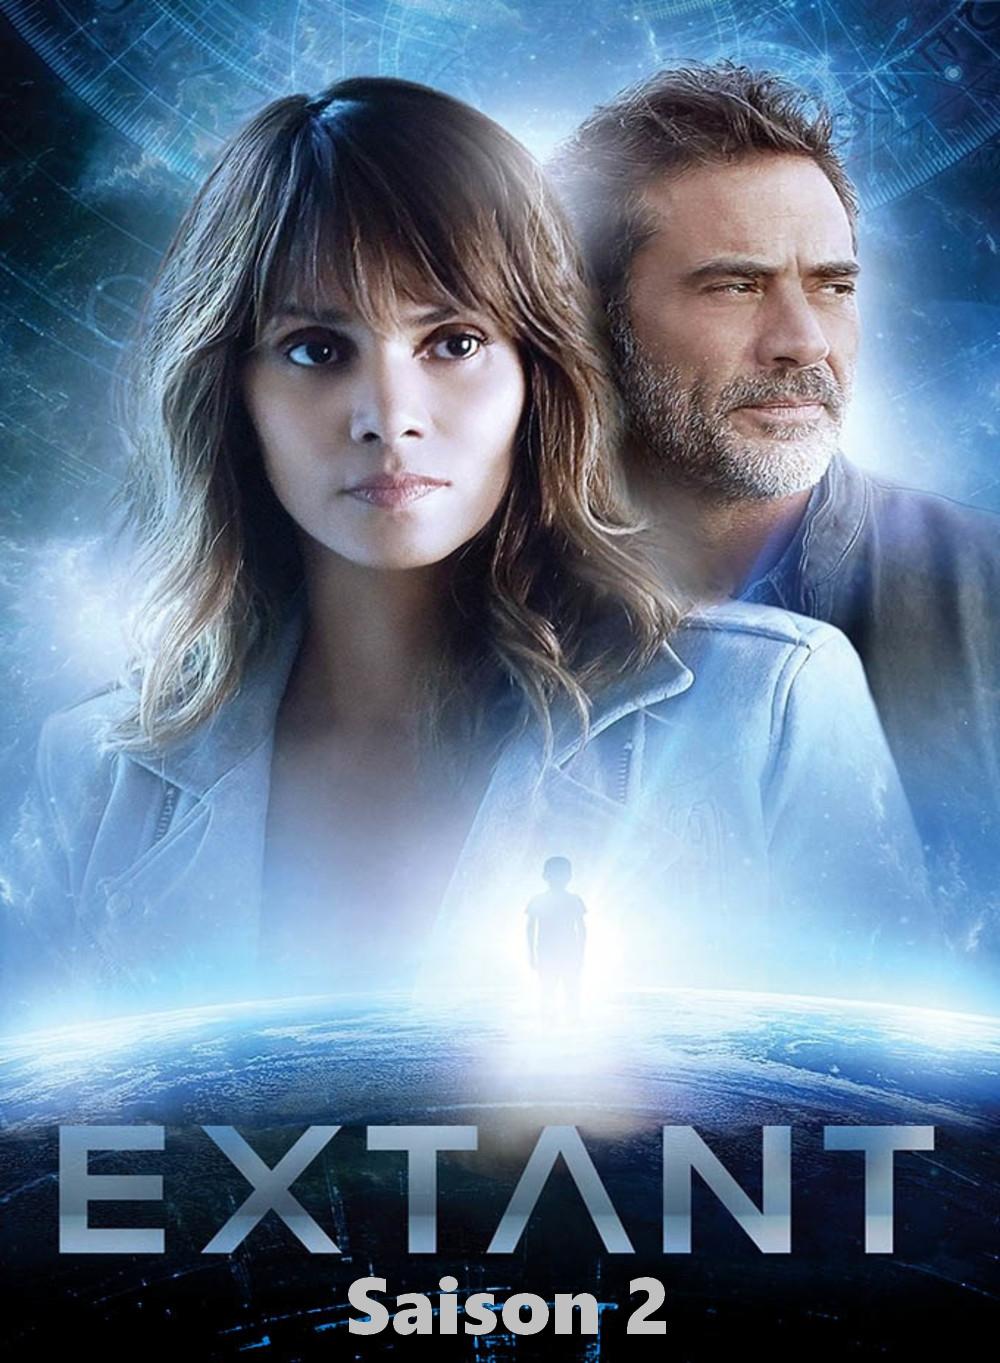 Extant saison 2 en français